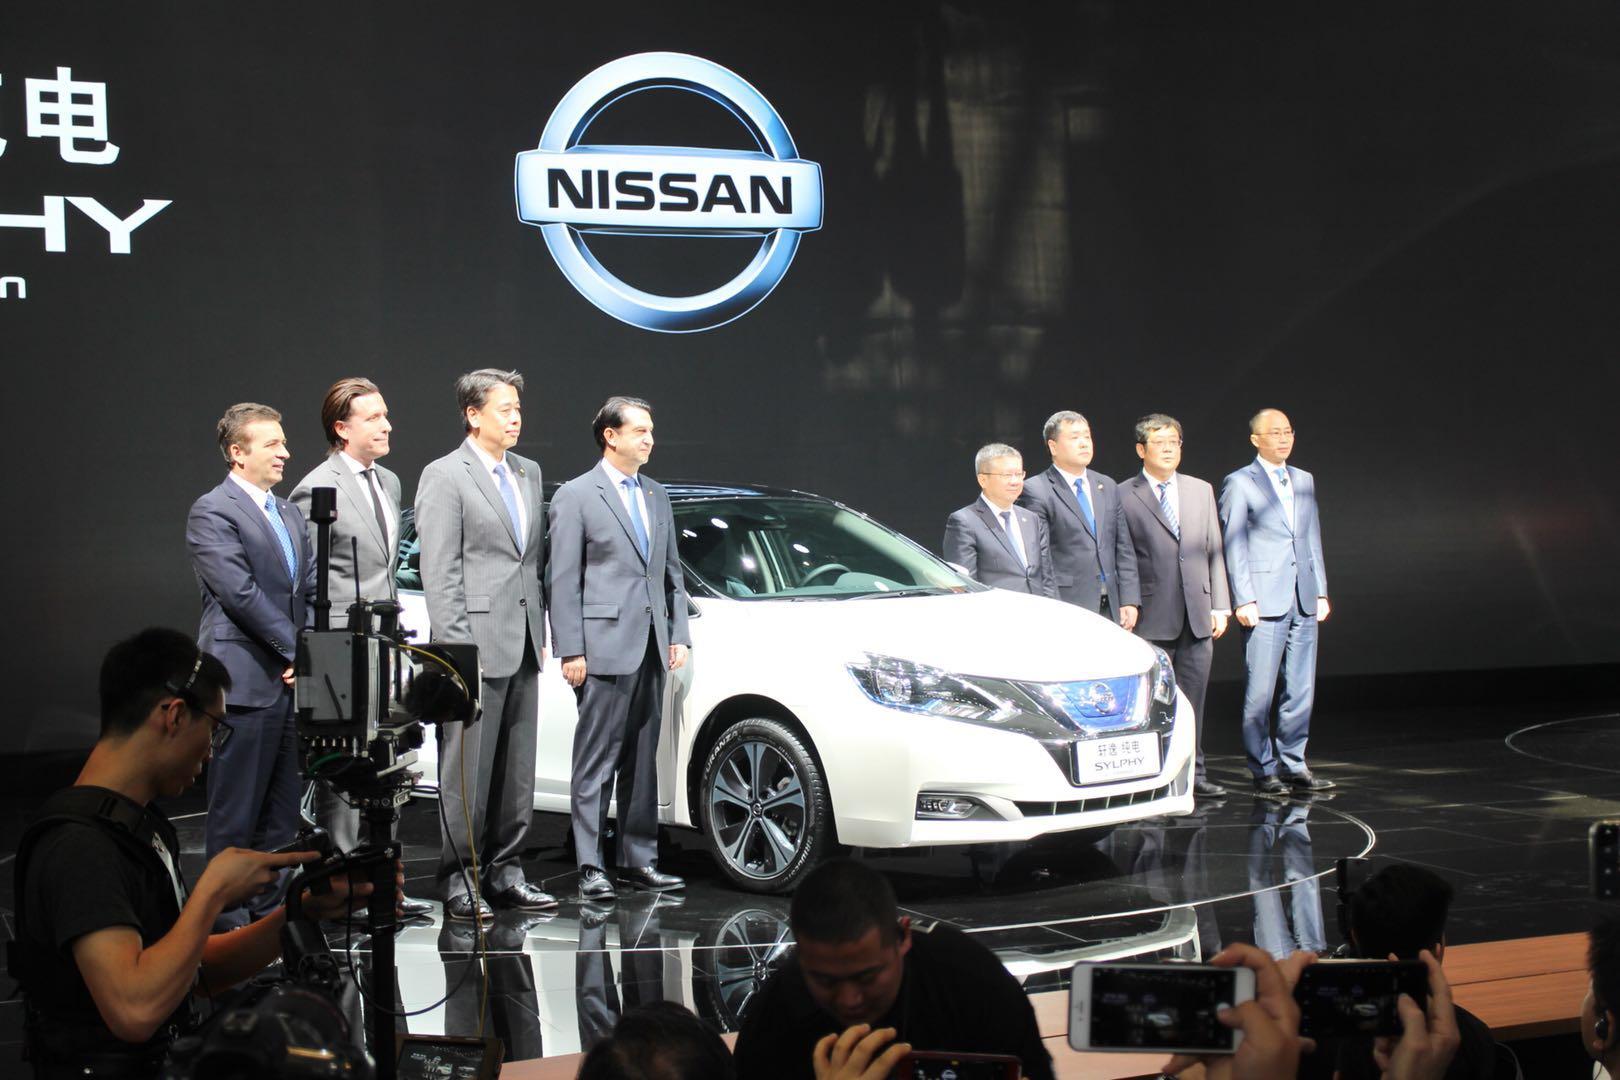 日產汽車開啟全新電動汽車時代